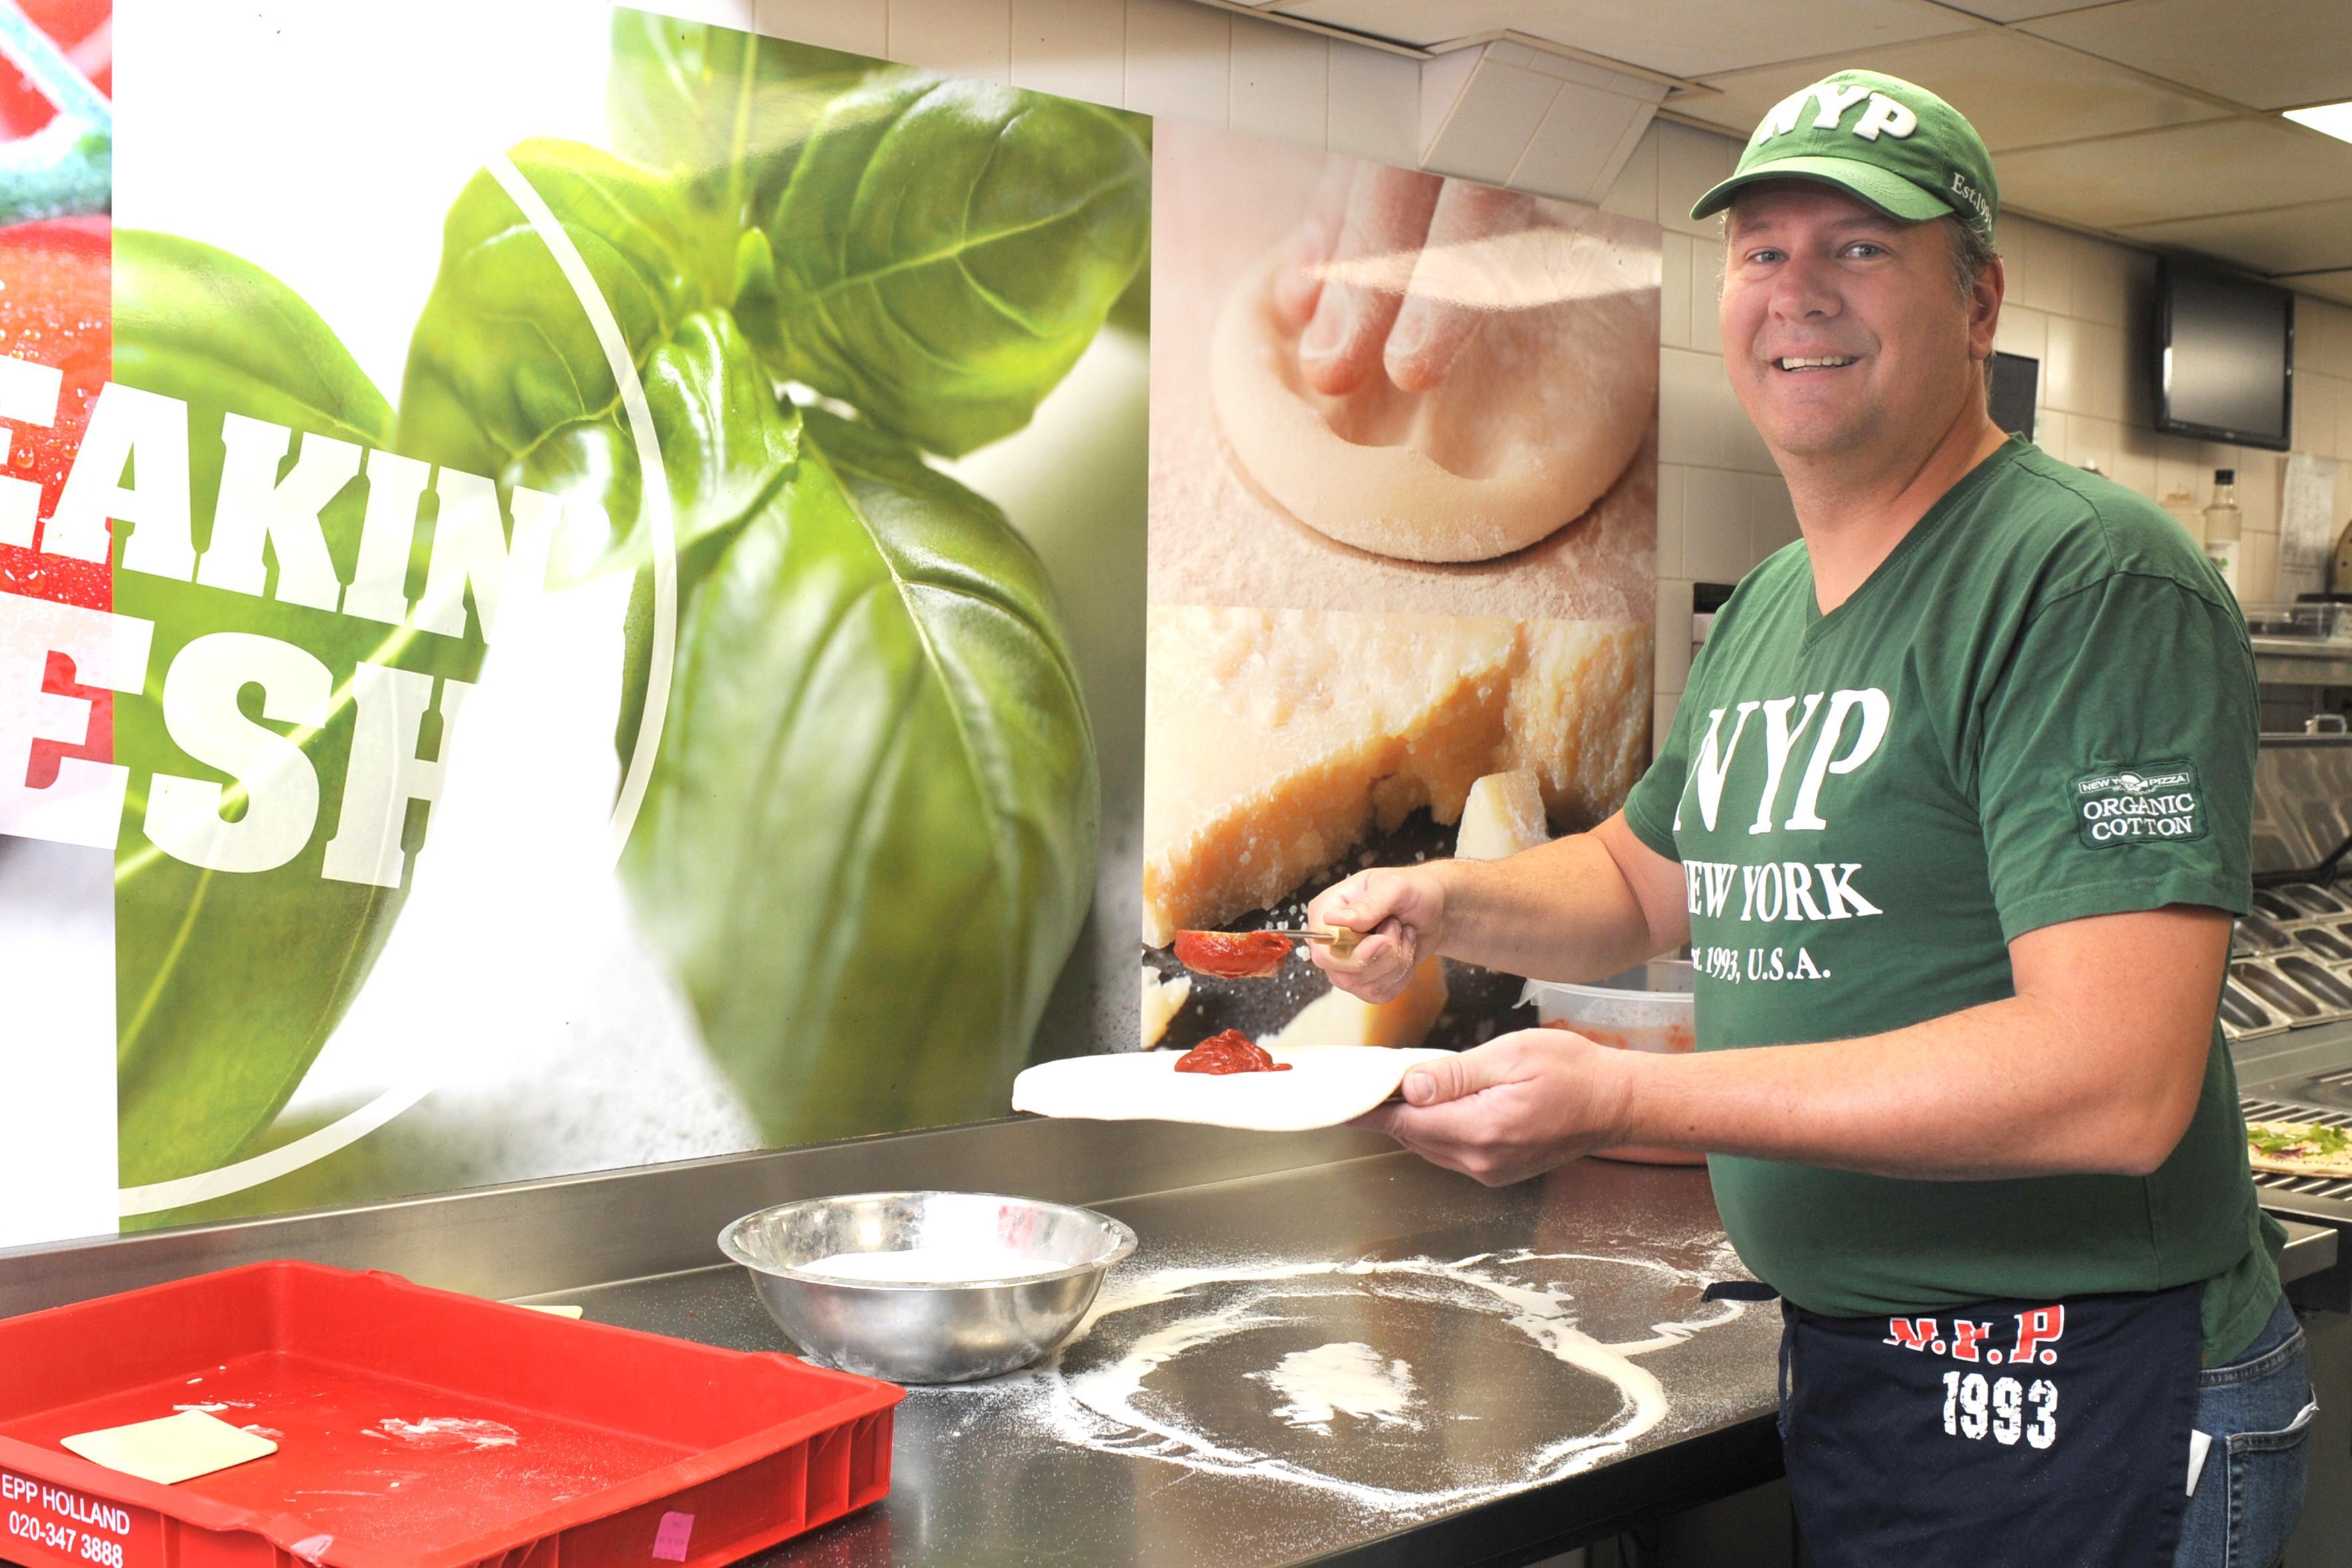 Ruud de Vries bakt vrijdag op zijn verjaardag pizza's voor goed doel: 'Ik vier dat ik 25 jaar in de pizzabranche zit. De omzet doneer ik aan Kika'